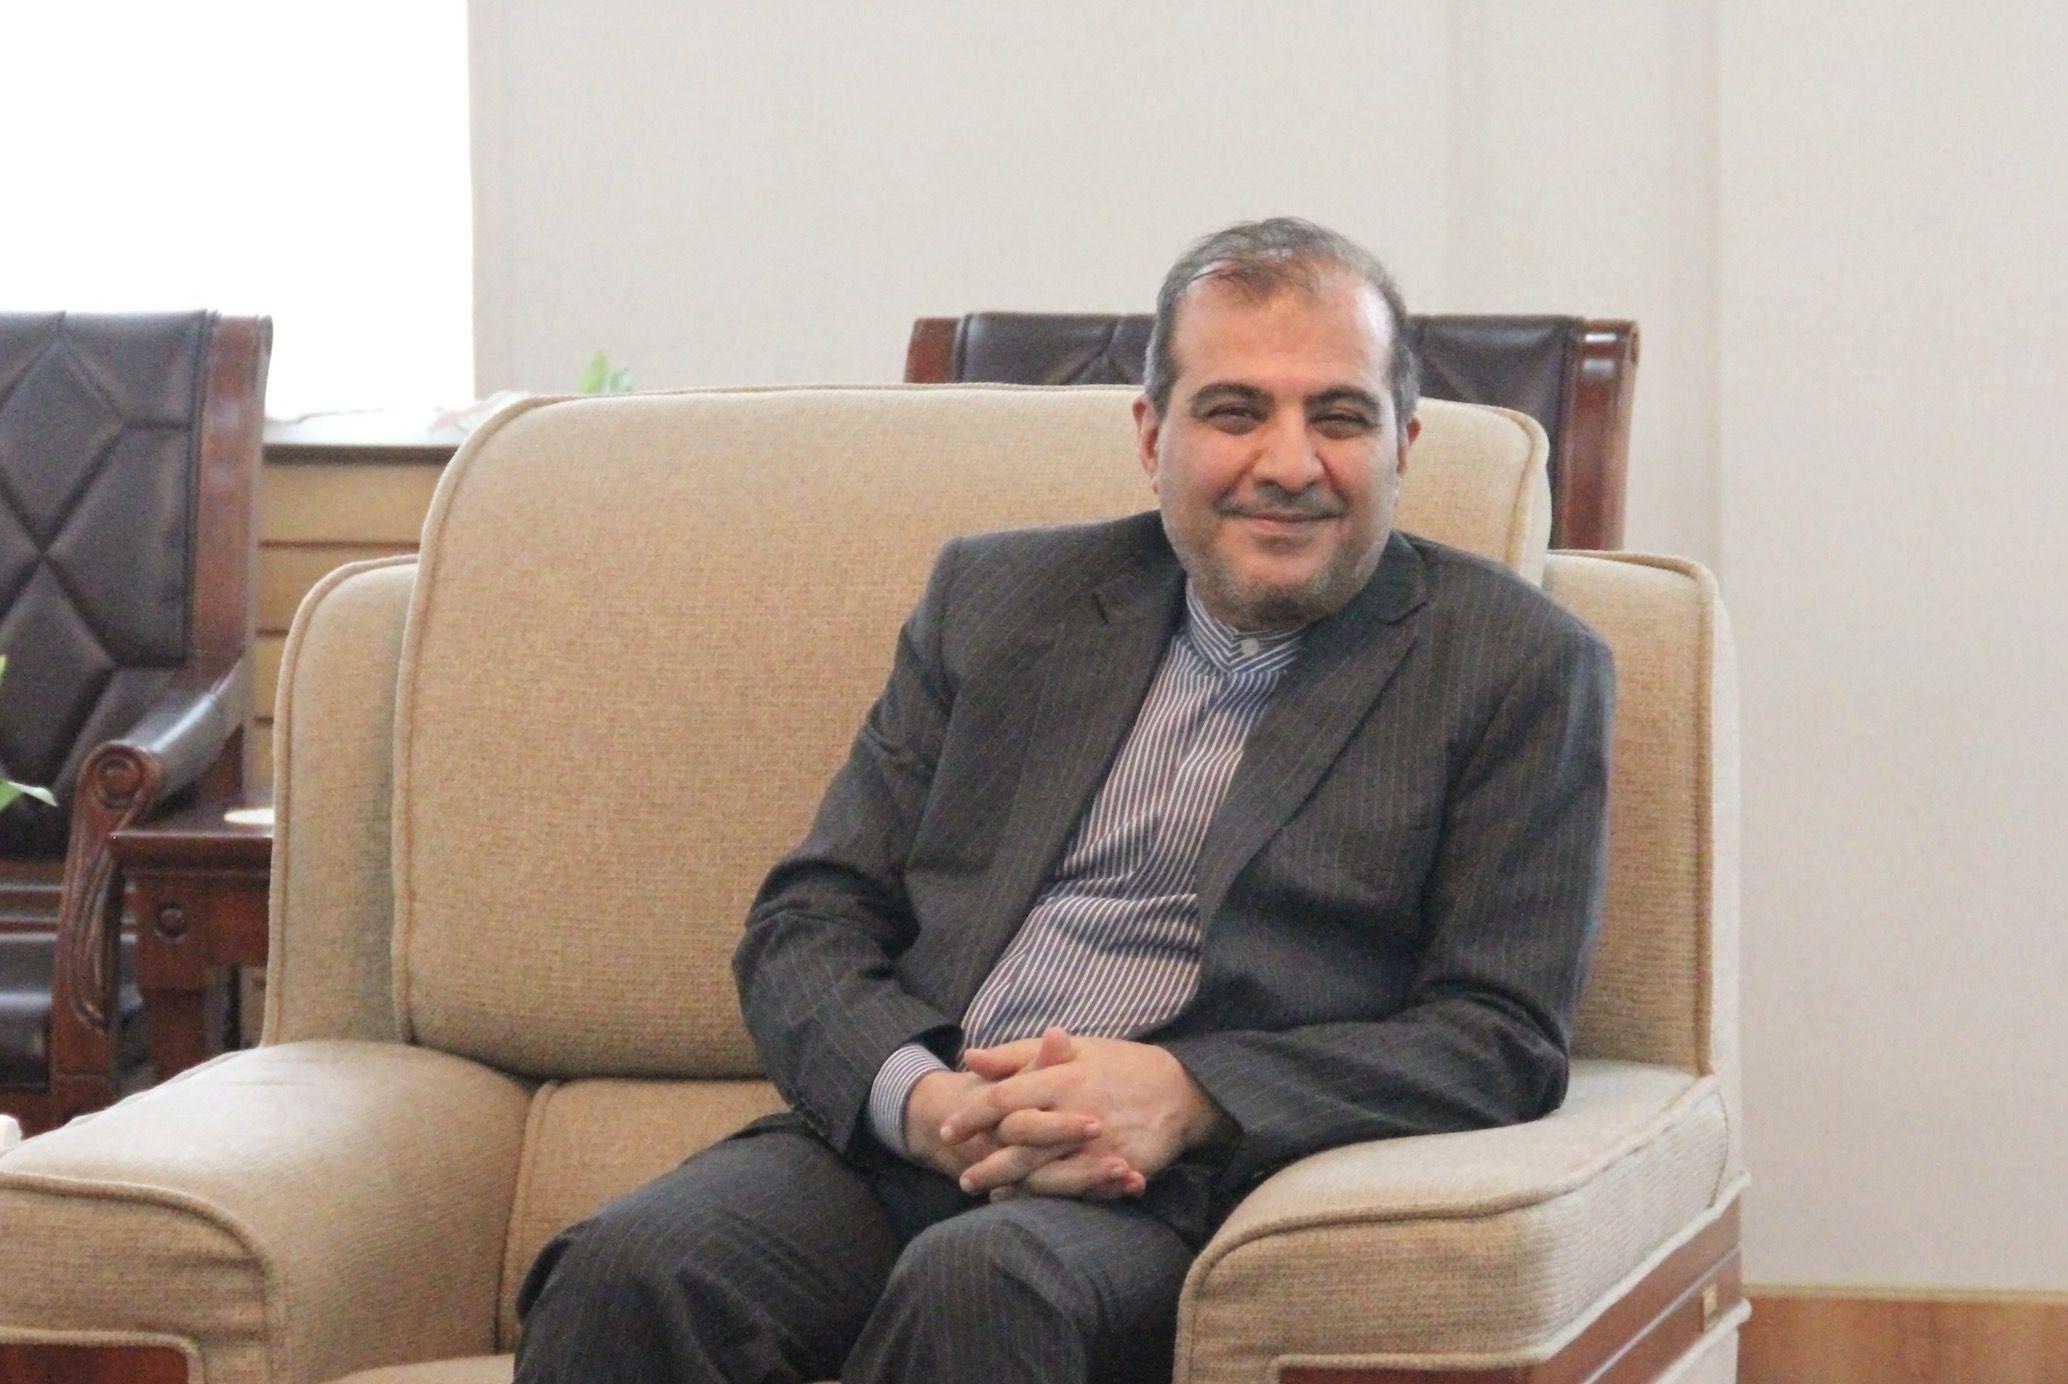 揭开波斯湾畔的古老文明面纱——专访伊朗驻华大使阿里·阿斯加尔·哈吉